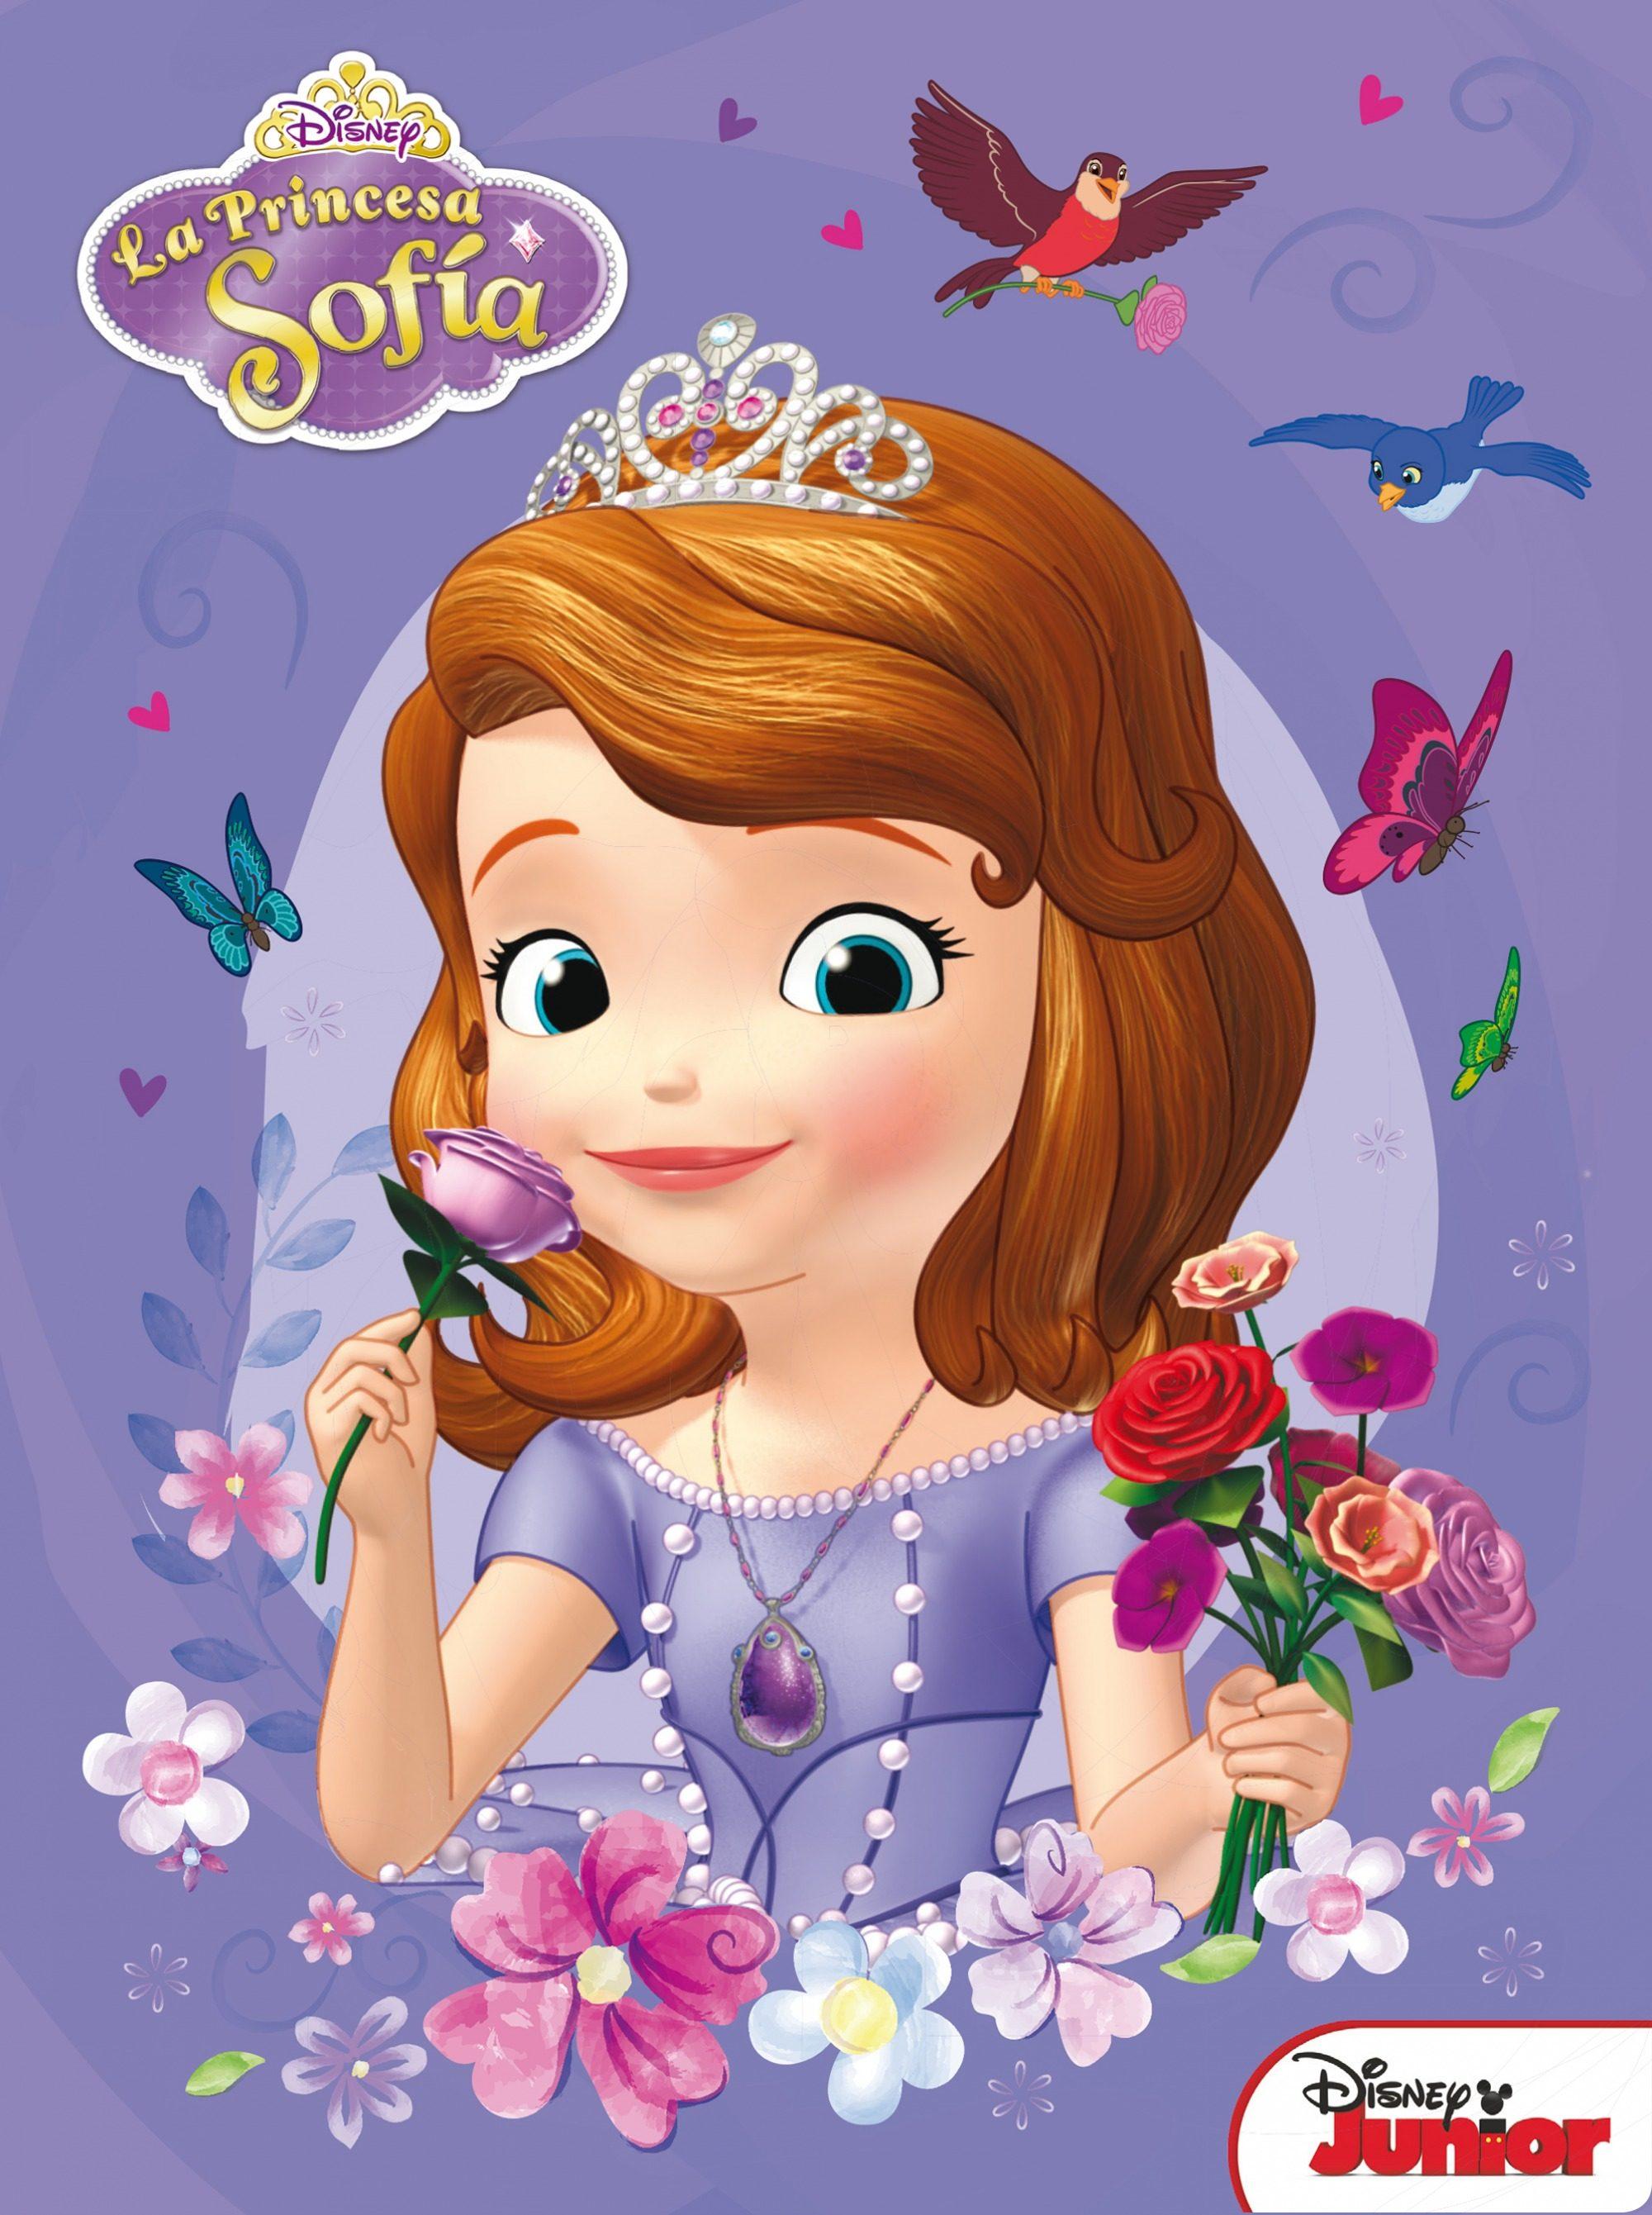 Im225genes de la Princesa Sofia para descargar gratis : La Princesa Sofia 4 from www.gratistodo.com size 2000 x 2681 jpeg 481kB